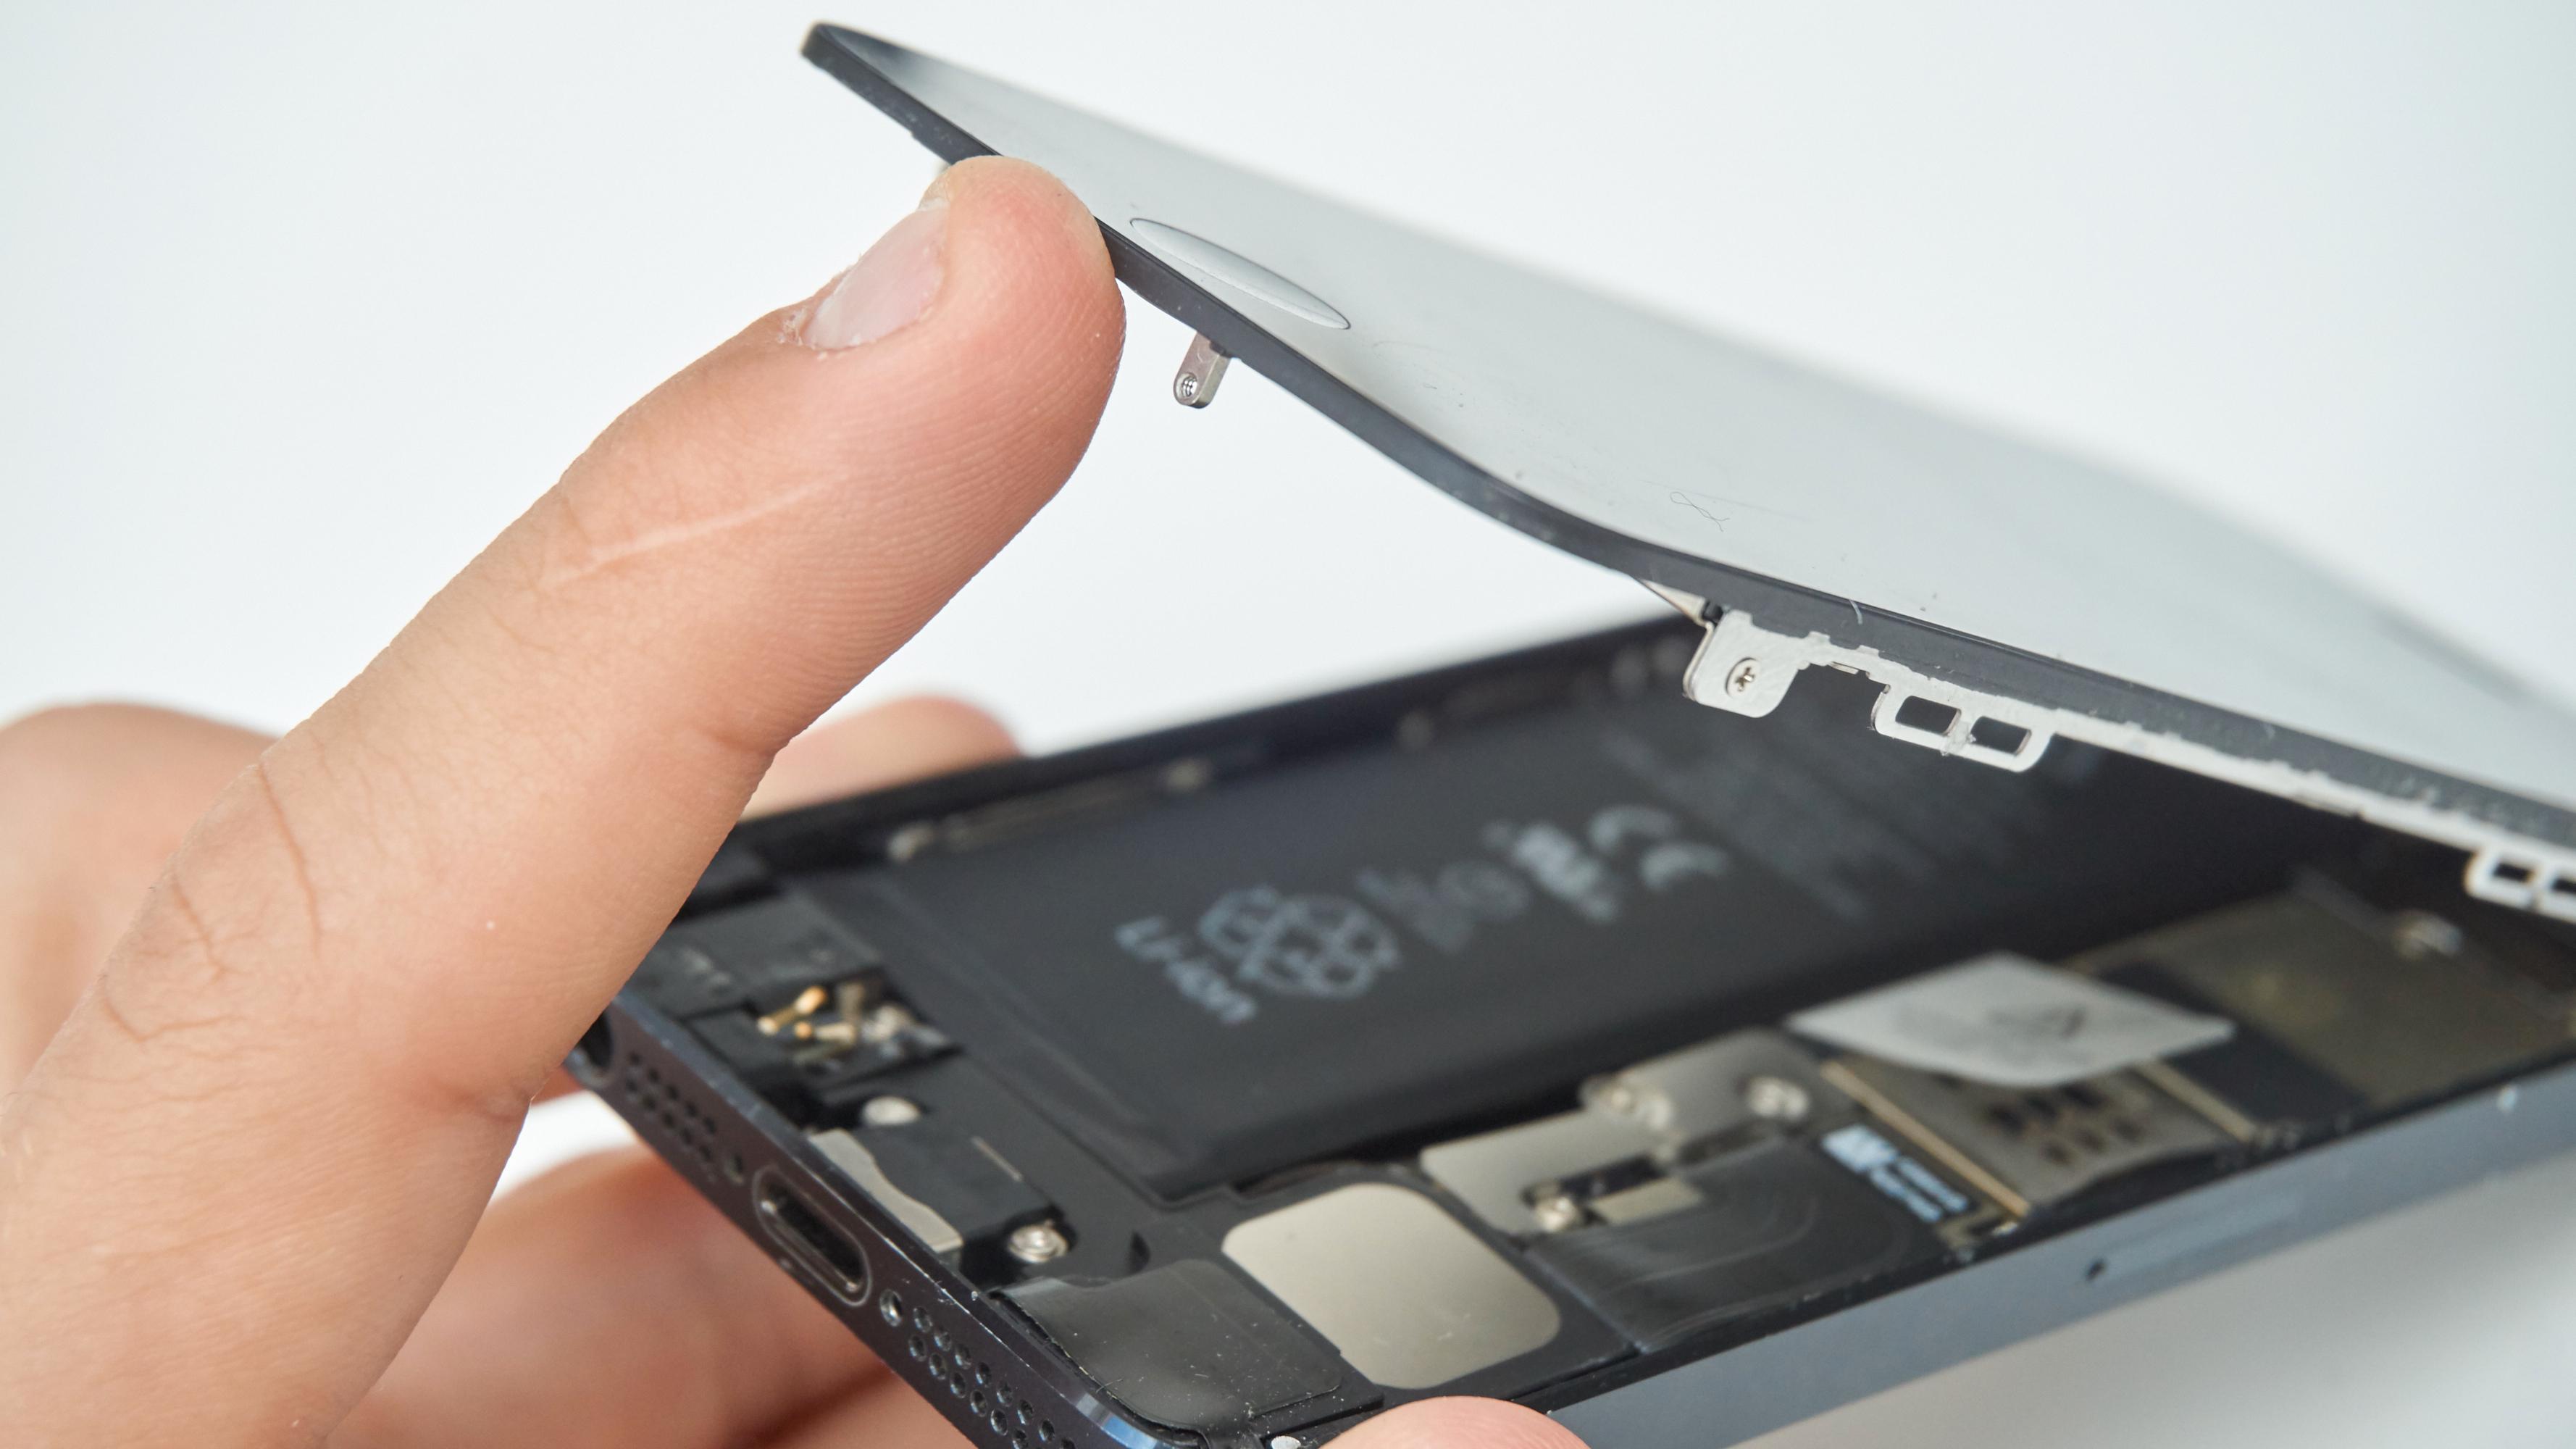 Det er ikke veldig komplisert å bytte batteriet, men det krever litt utstyr. Bilde: Torstein Norum Bugge, Tek.no